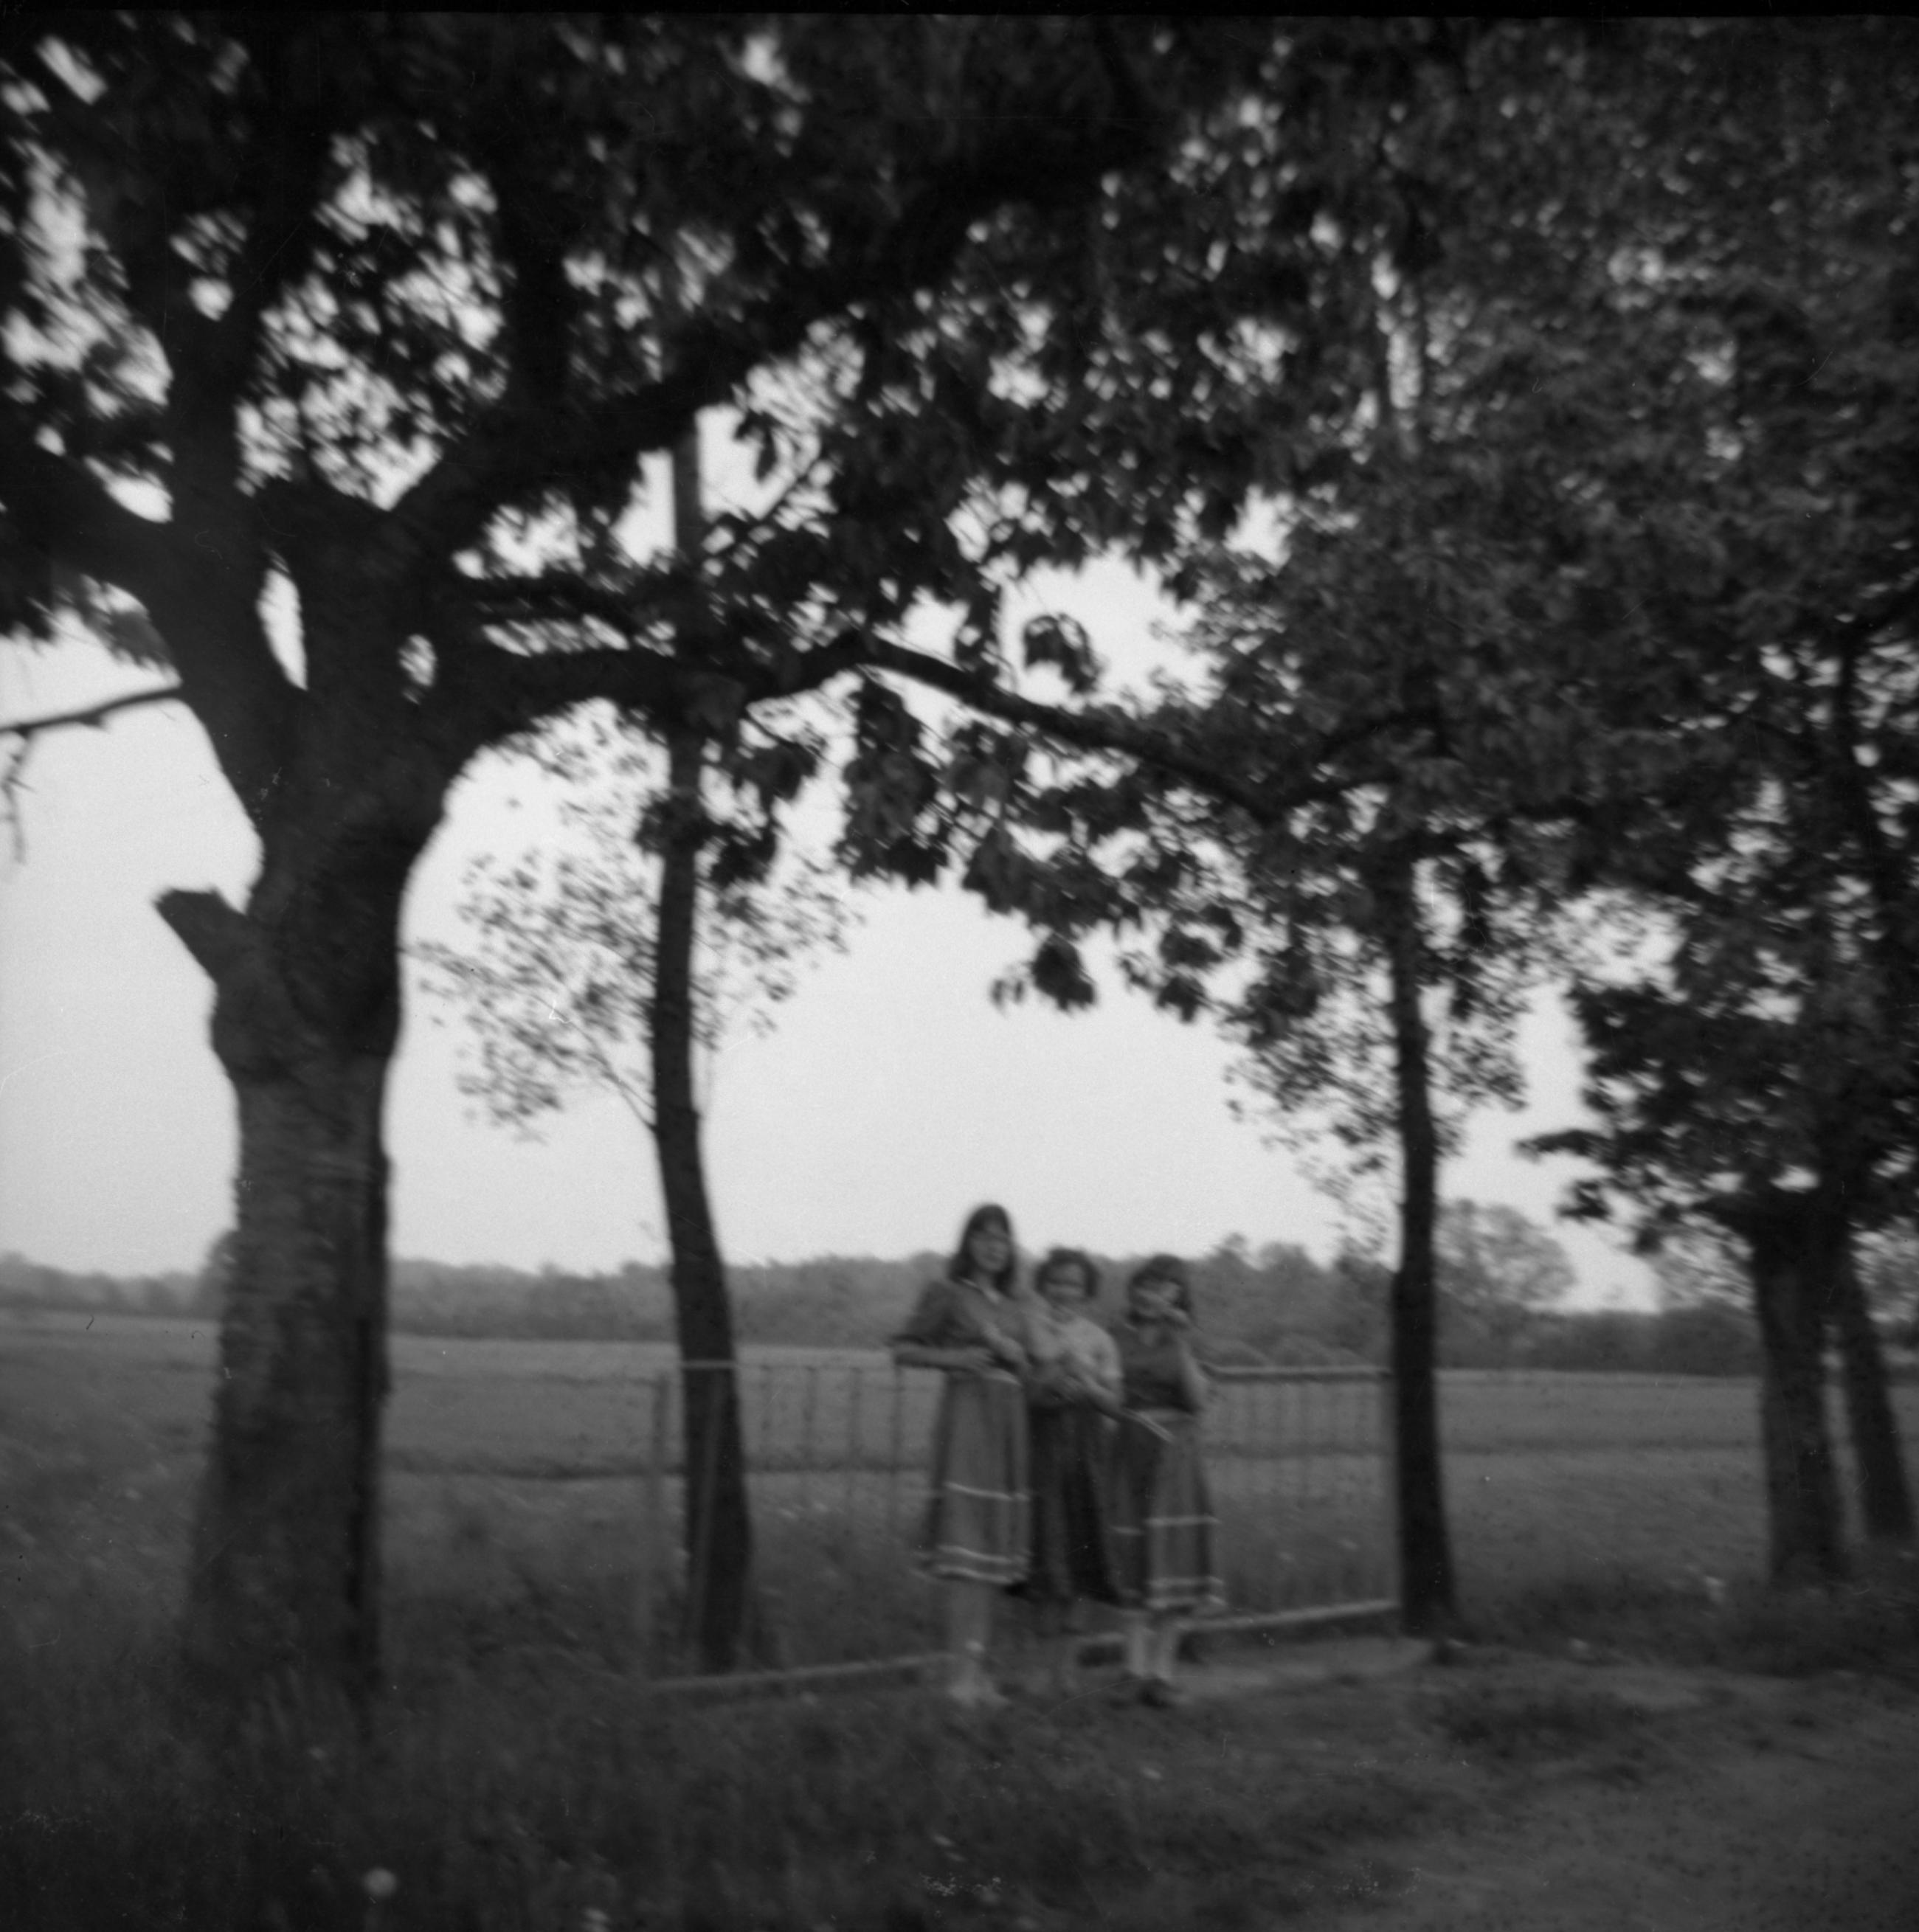 Zdjęcie dziewcząt, Brzózka, Dolny Śląsk, lata 80. XX w.